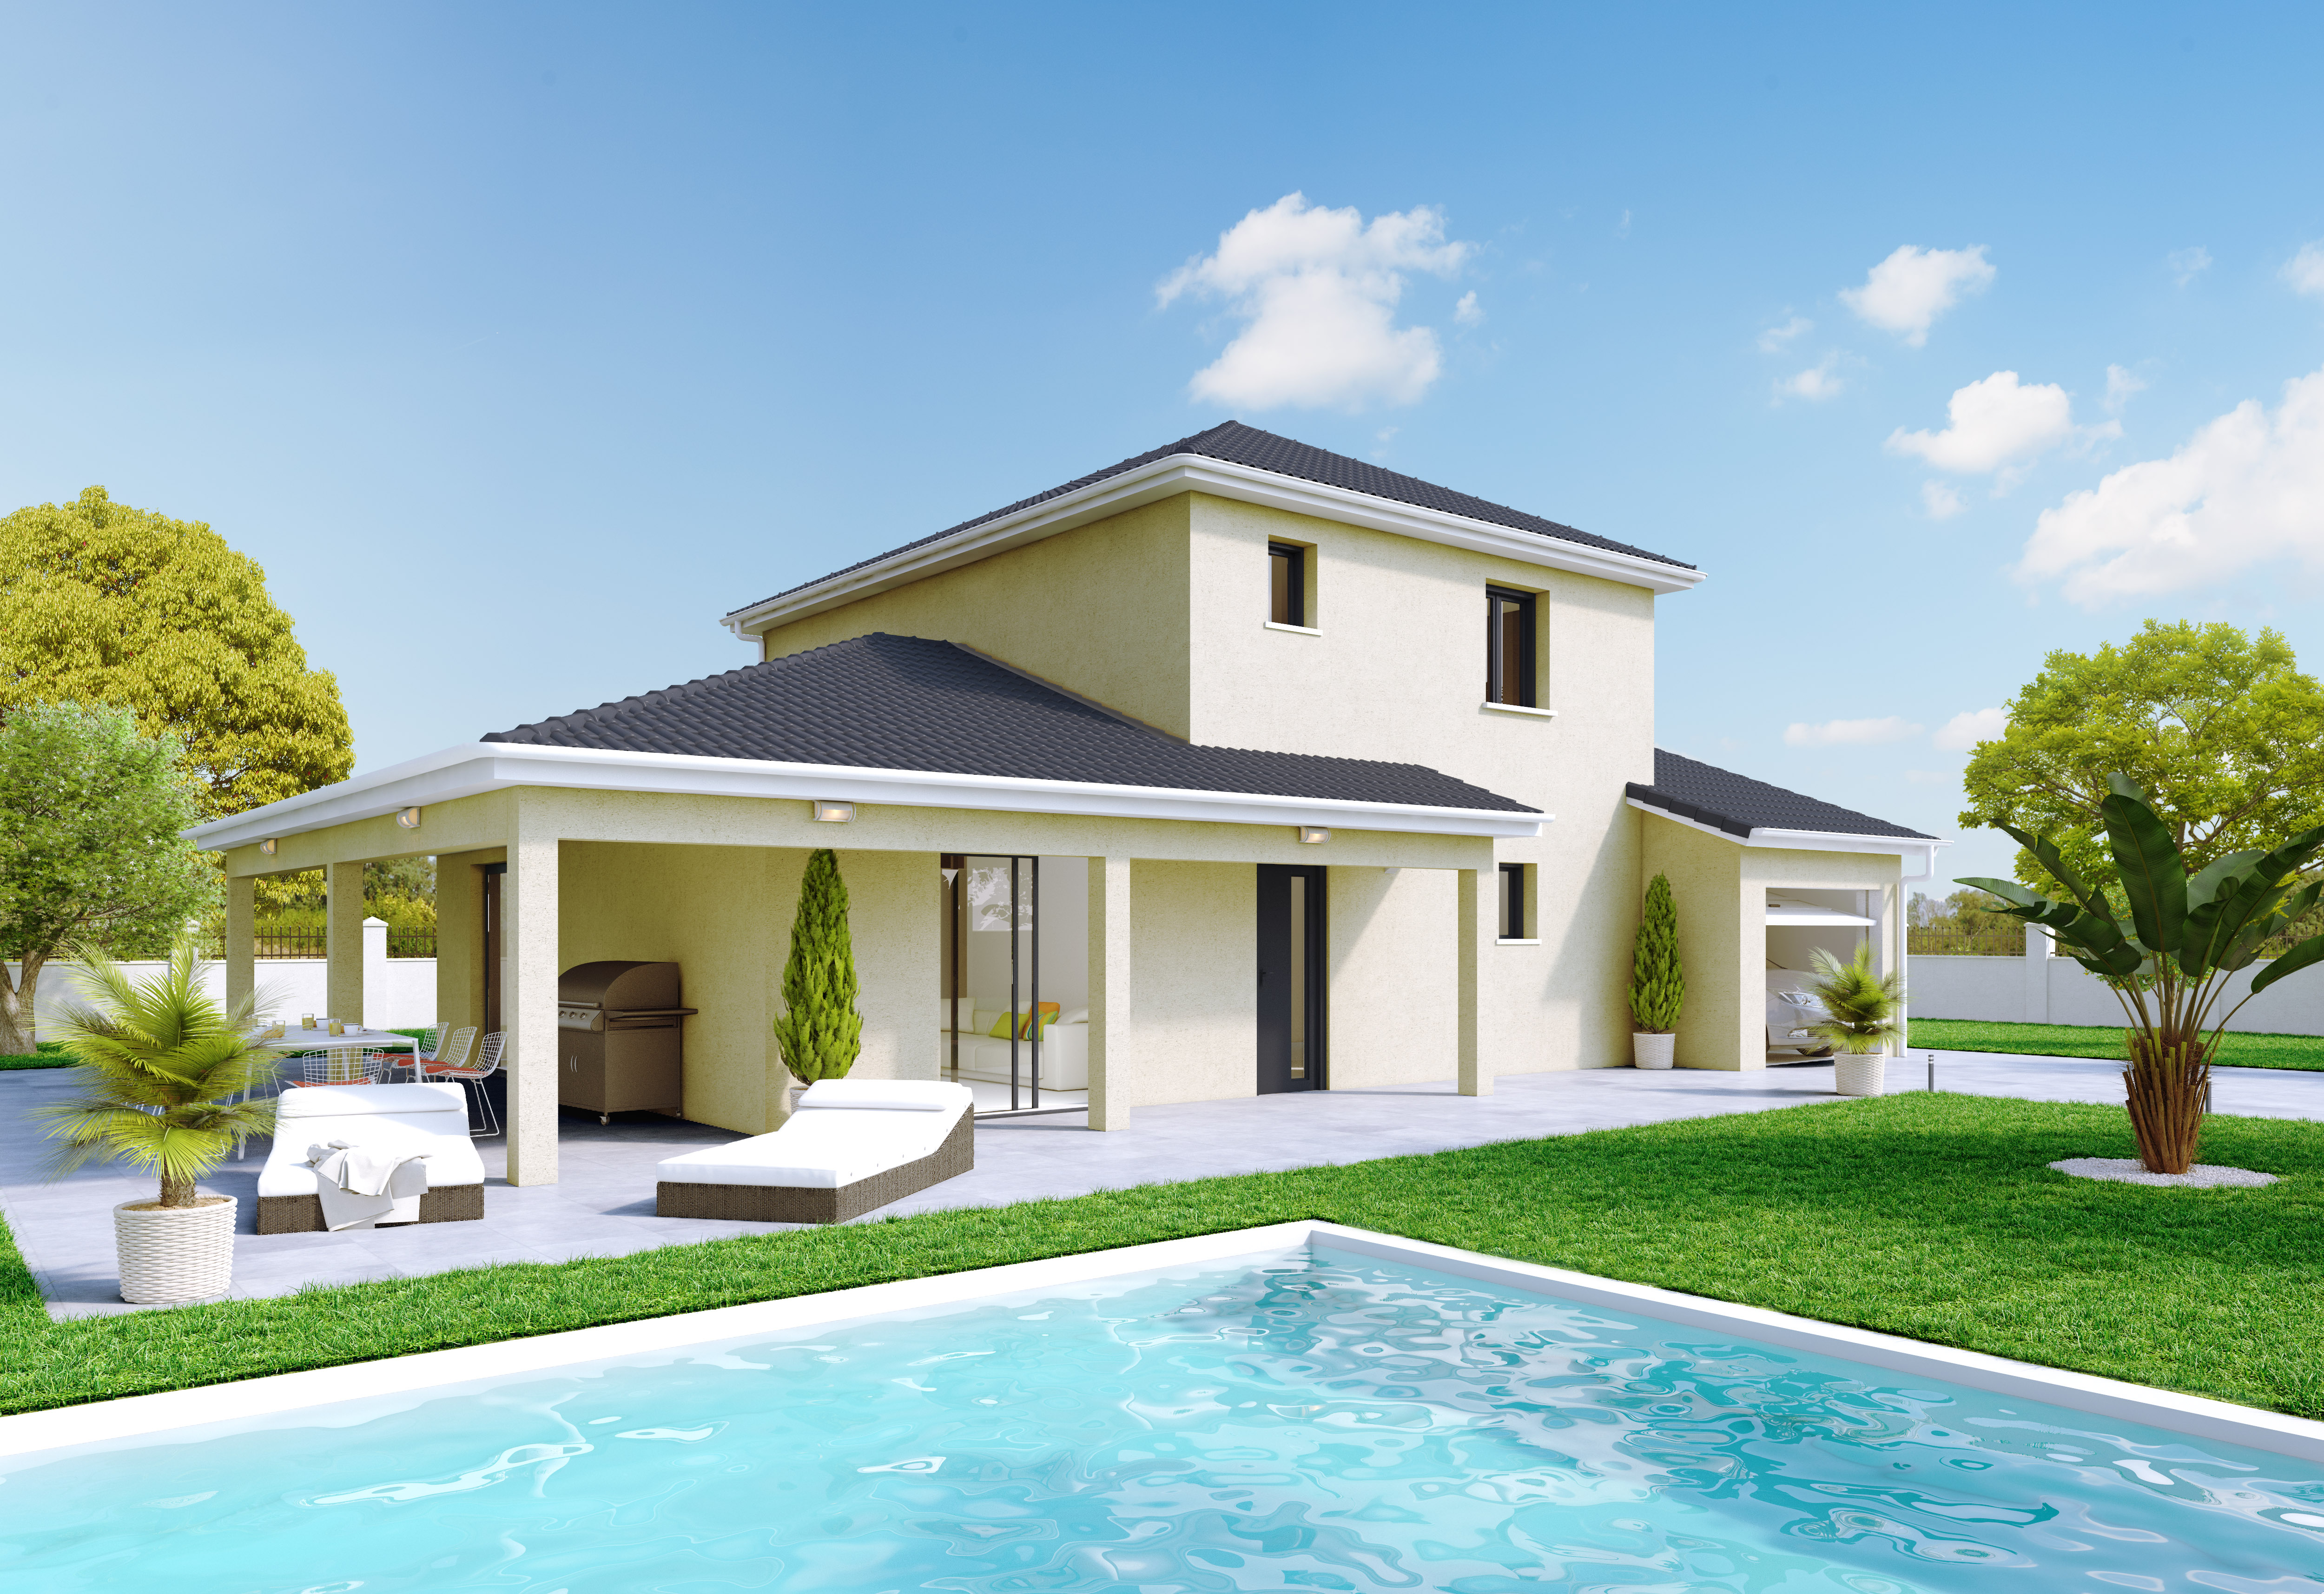 Annonce vente maison andr zieux bouth on 42160 114 m for Une autre maison andrezieux